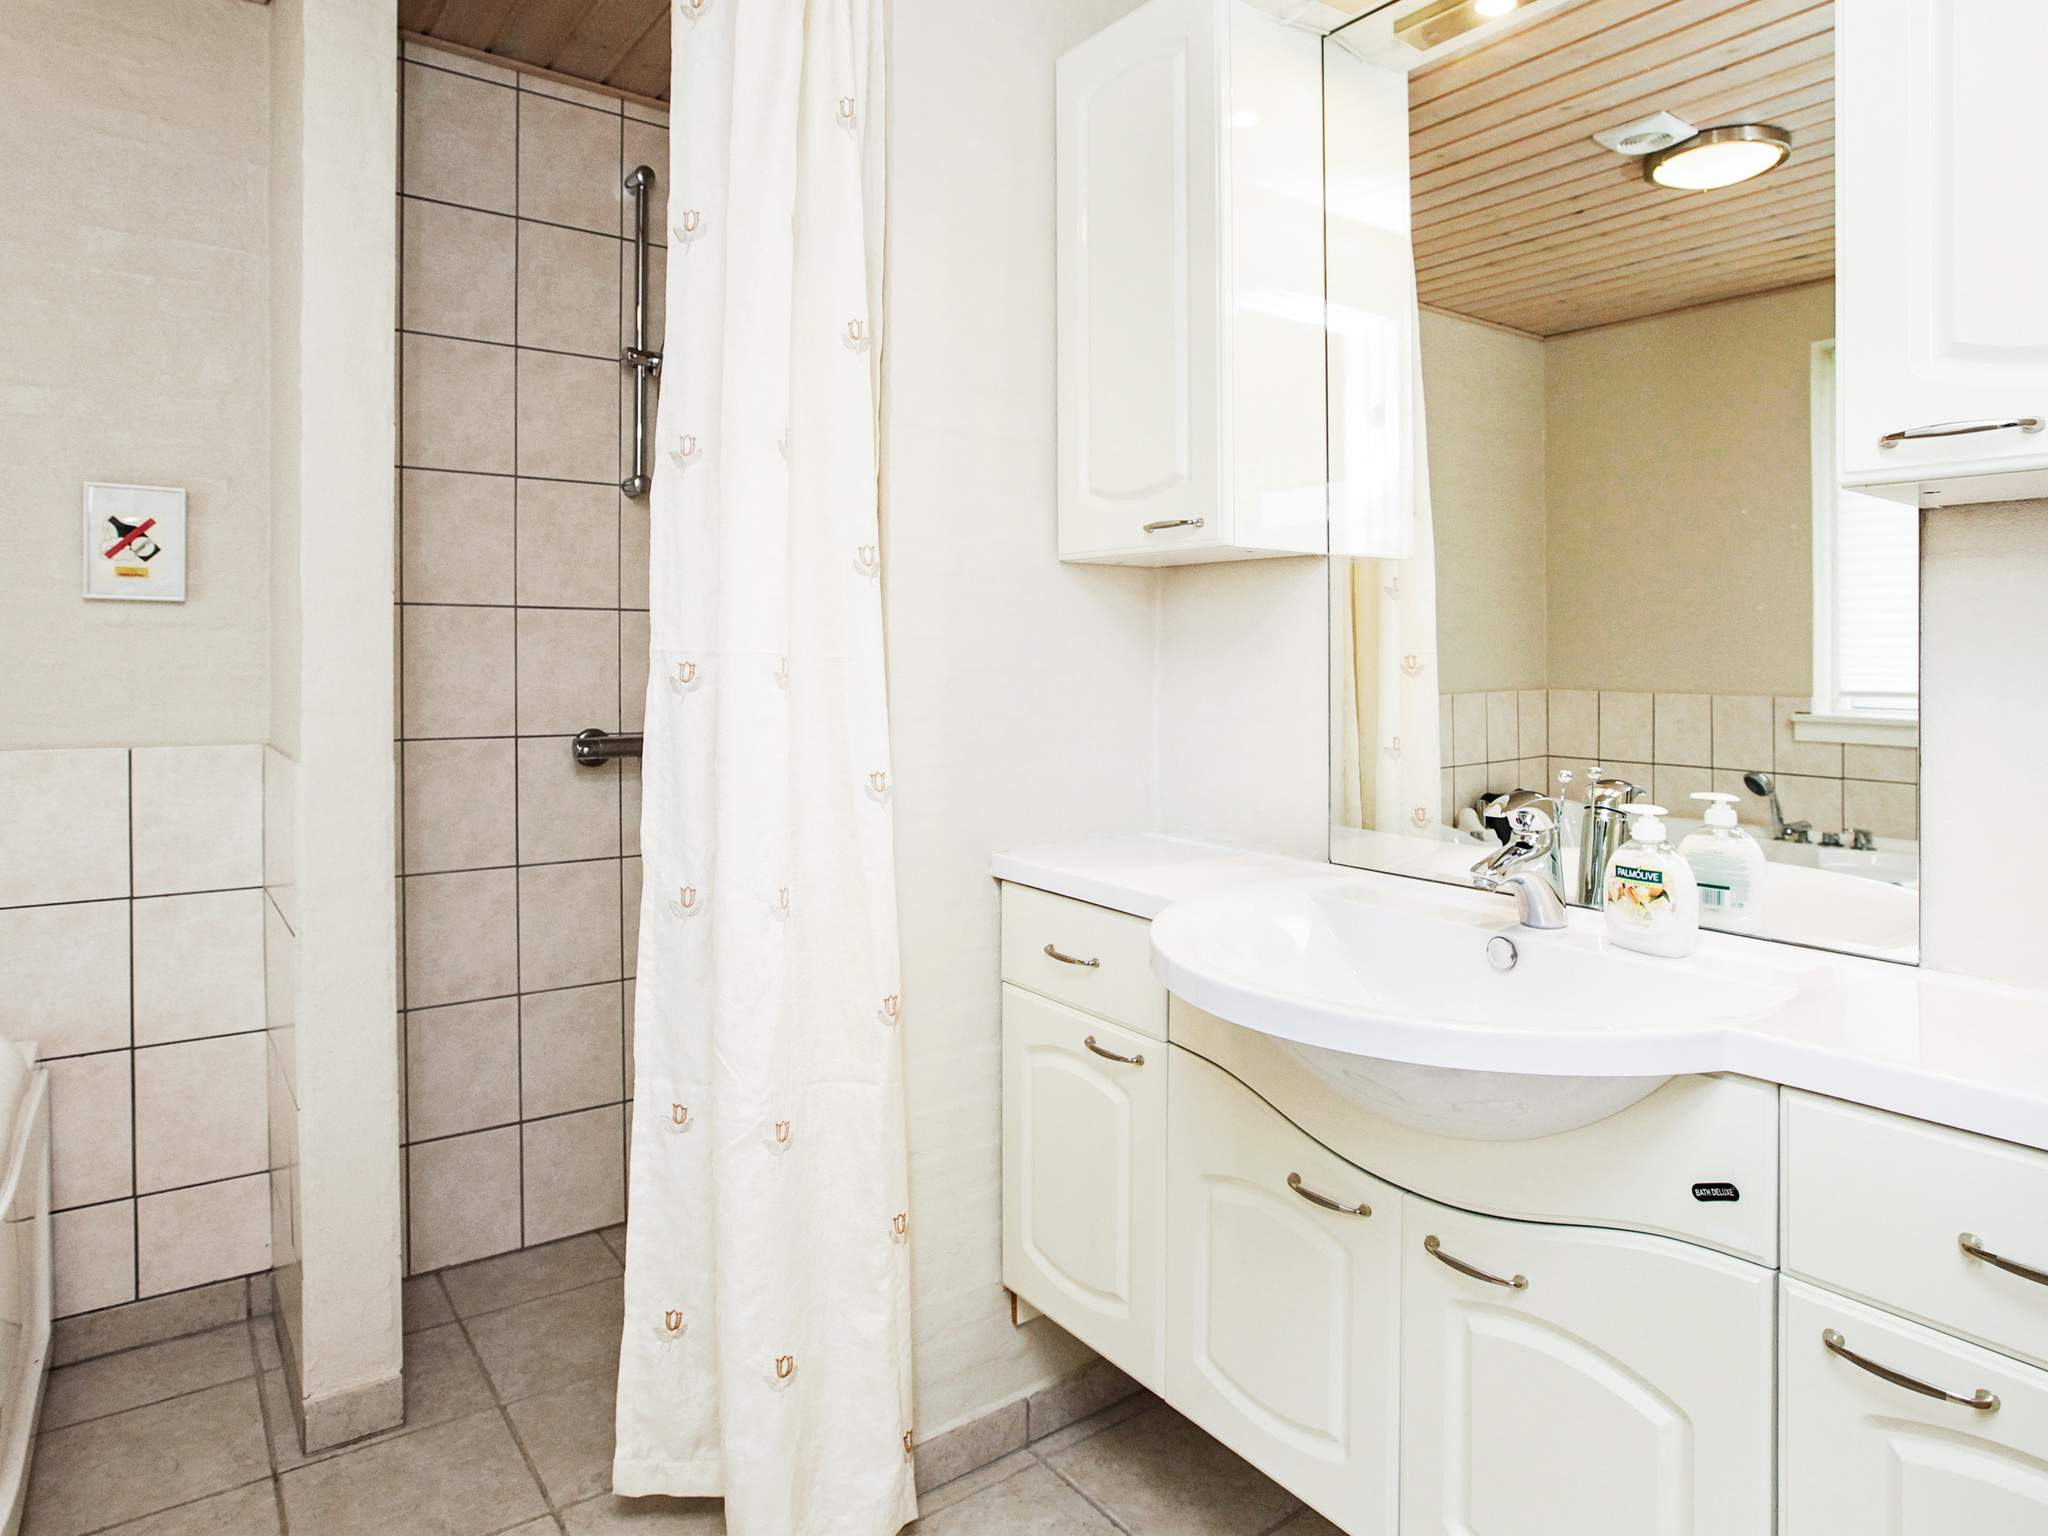 Maison de vacances Horne (500259), Horne, , Fionie, Danemark, image 10